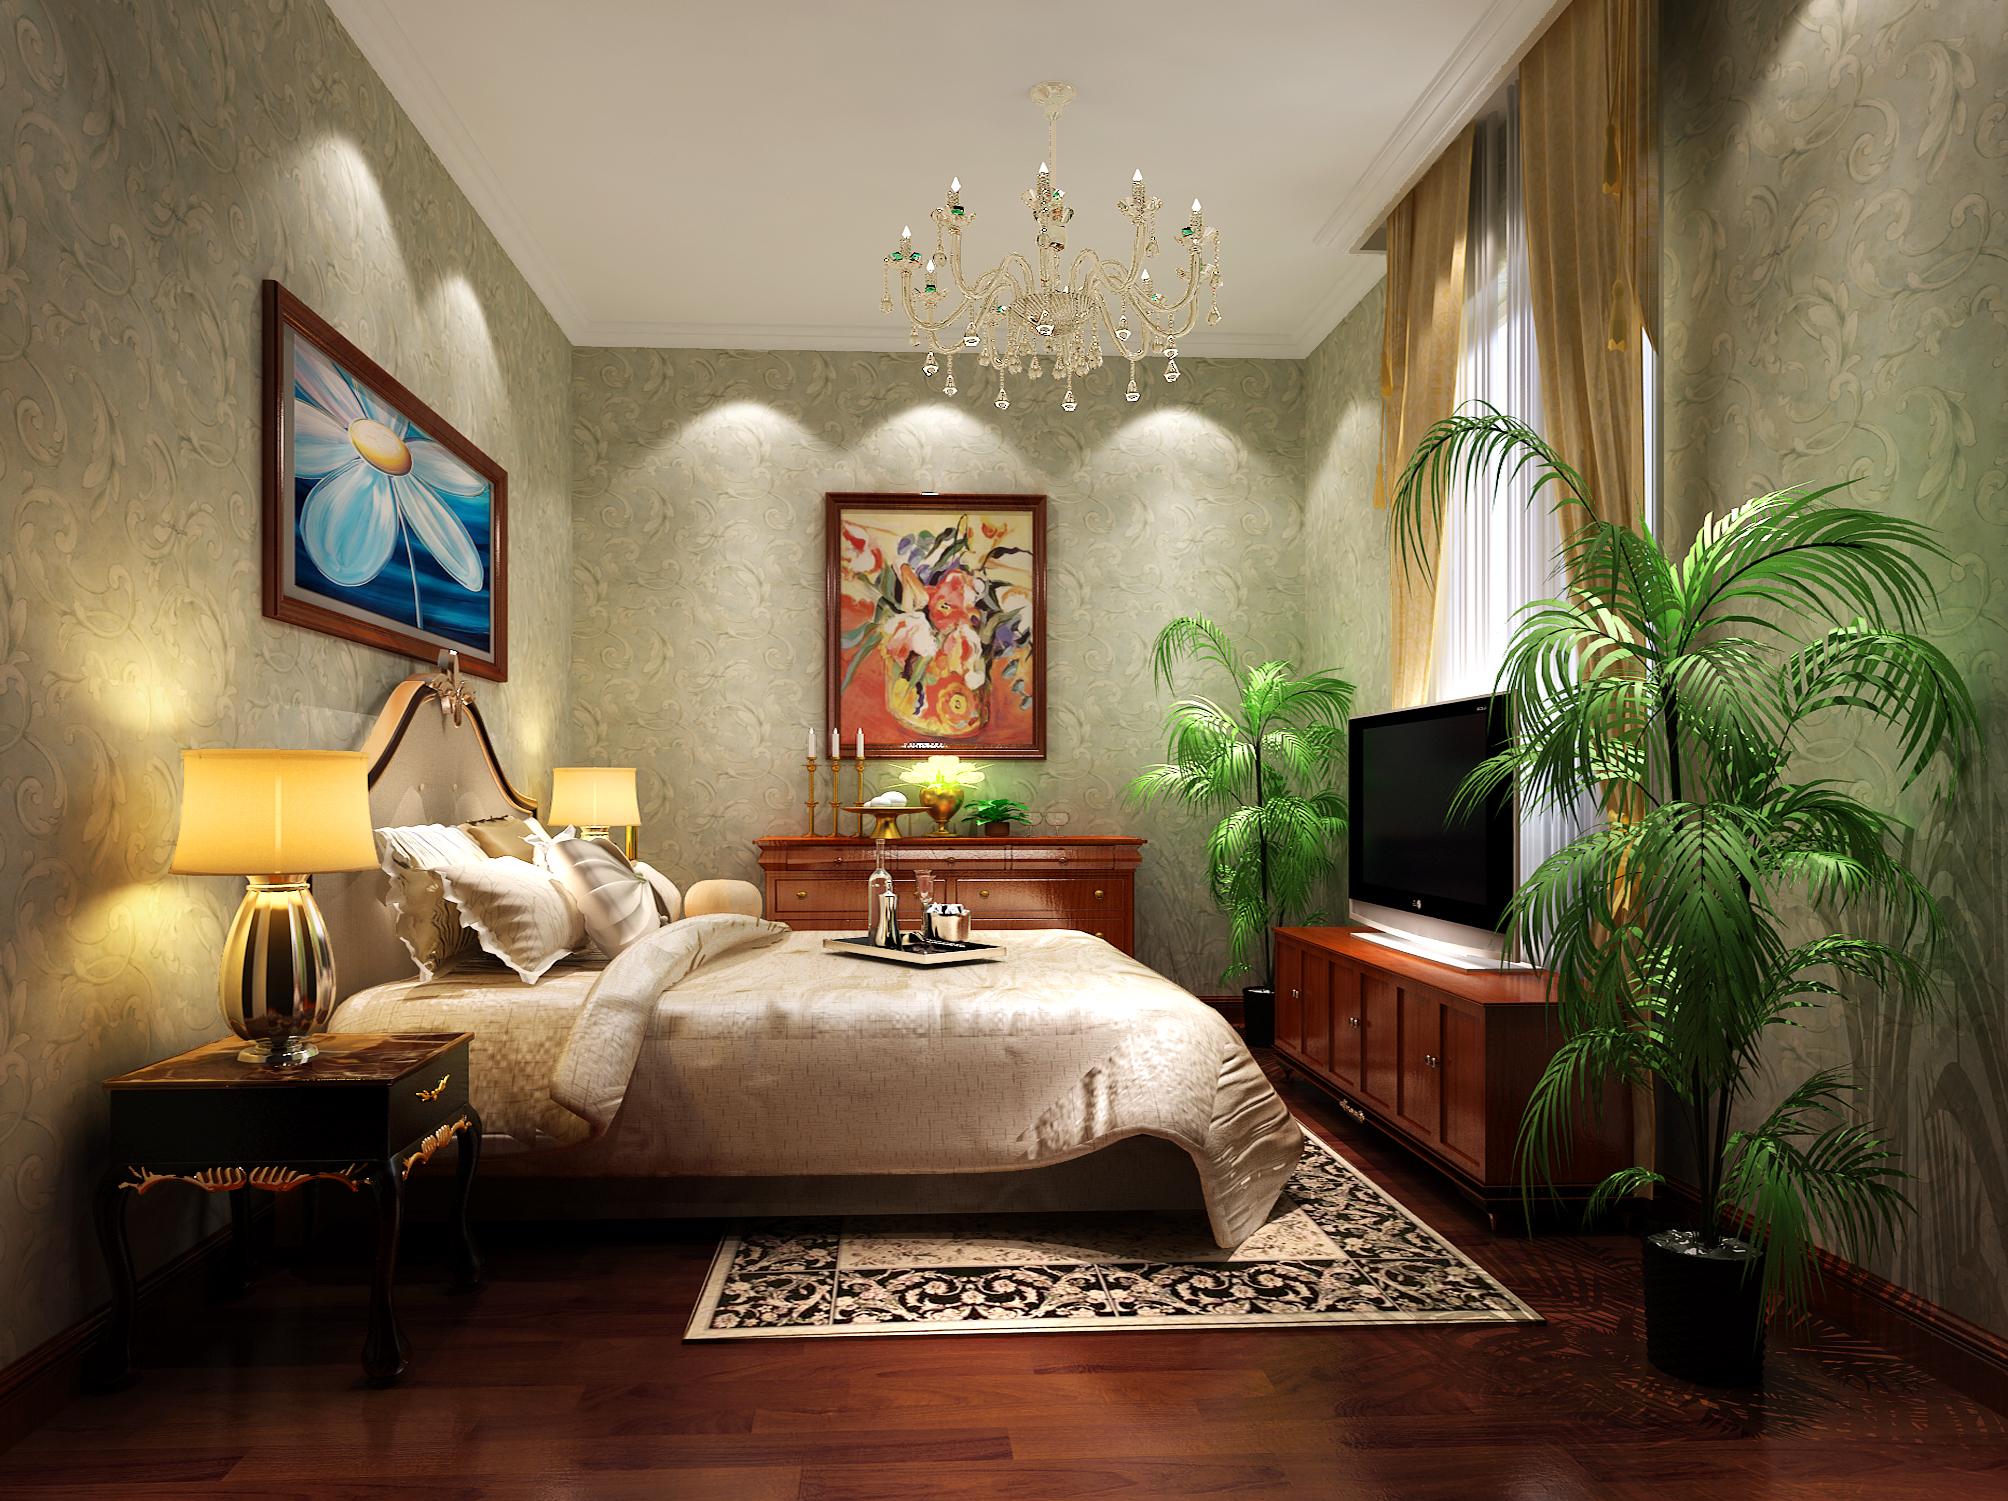 欧式 别墅 尊贵 大理石 温馨 卧室图片来自高度国际装饰刘玉在燕西台别墅---尊贵气质的分享